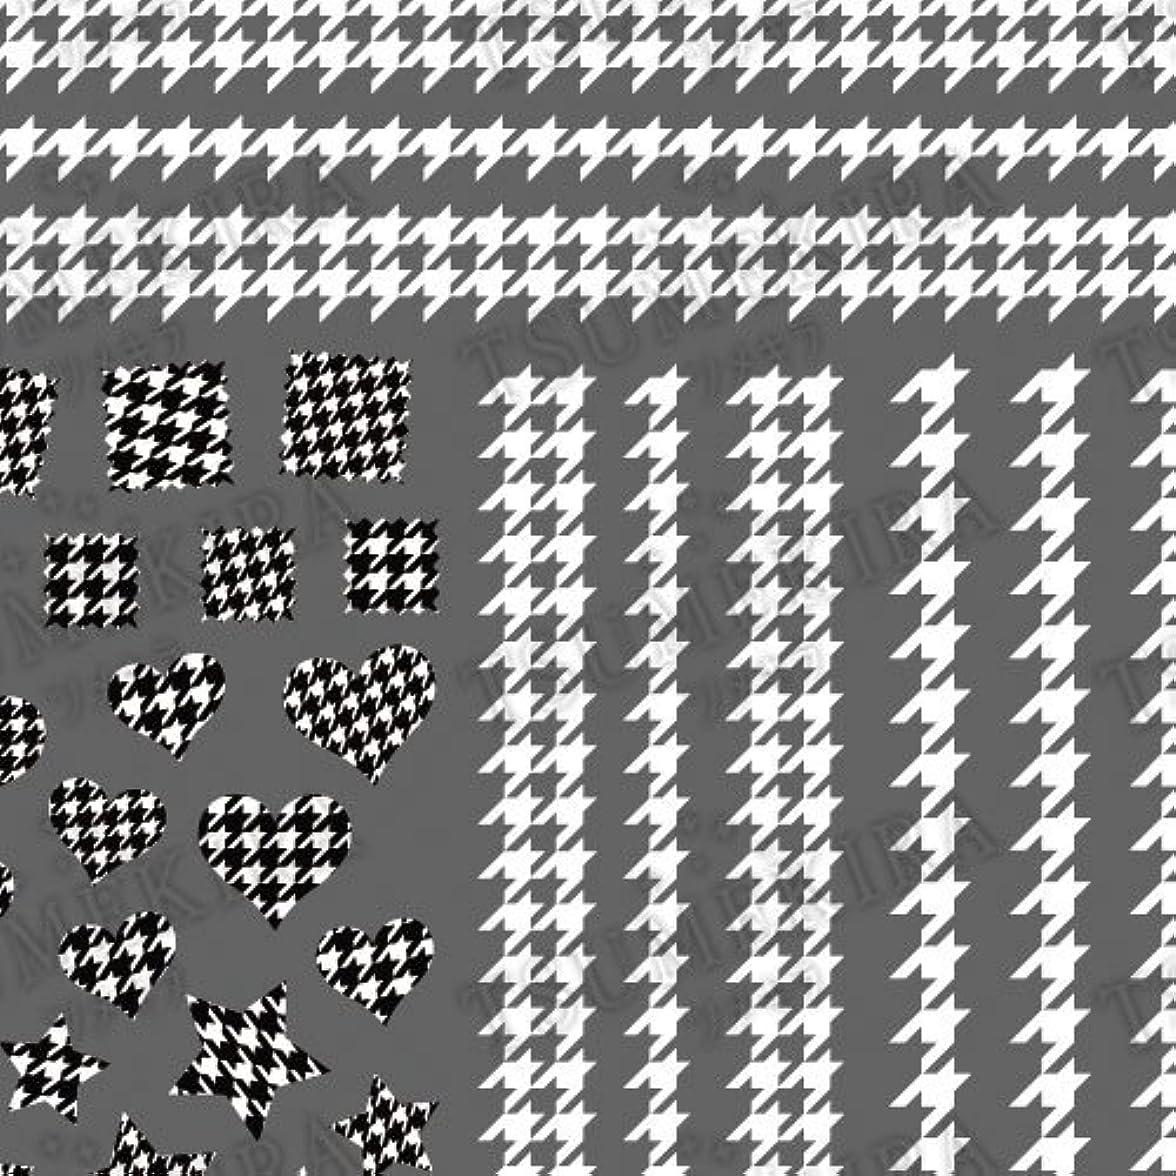 ツメキラ ネイル用シール スタンダードスタイル 千鳥格子 ホワイト  NN-TEX-101